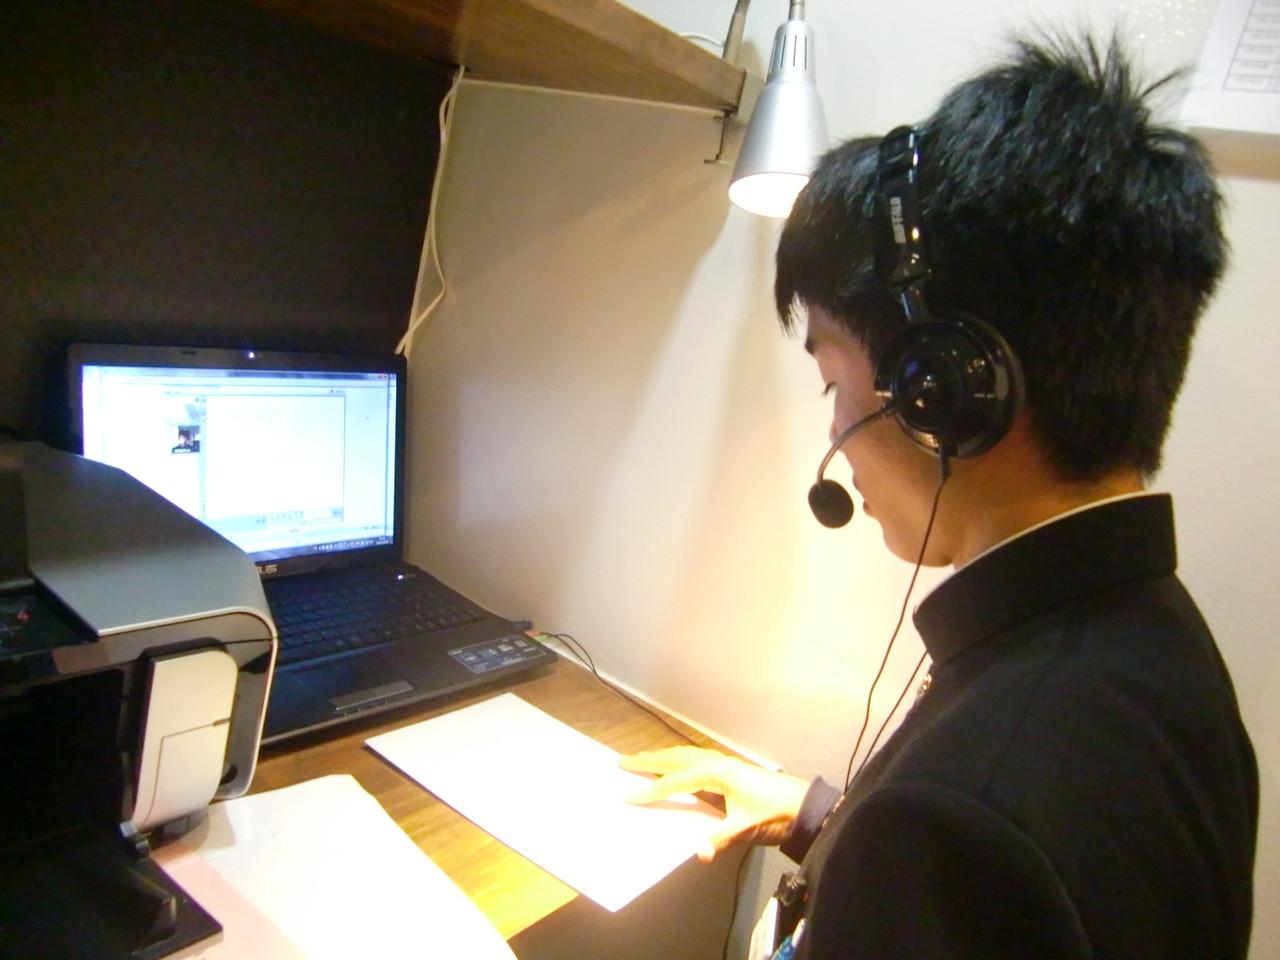 入試問題や学校の宿題で分からない問題は、テレビ電話で『東大生スタッフ』が即答してくれます!いつでも何回でもどの教科でも無料で質問できます!